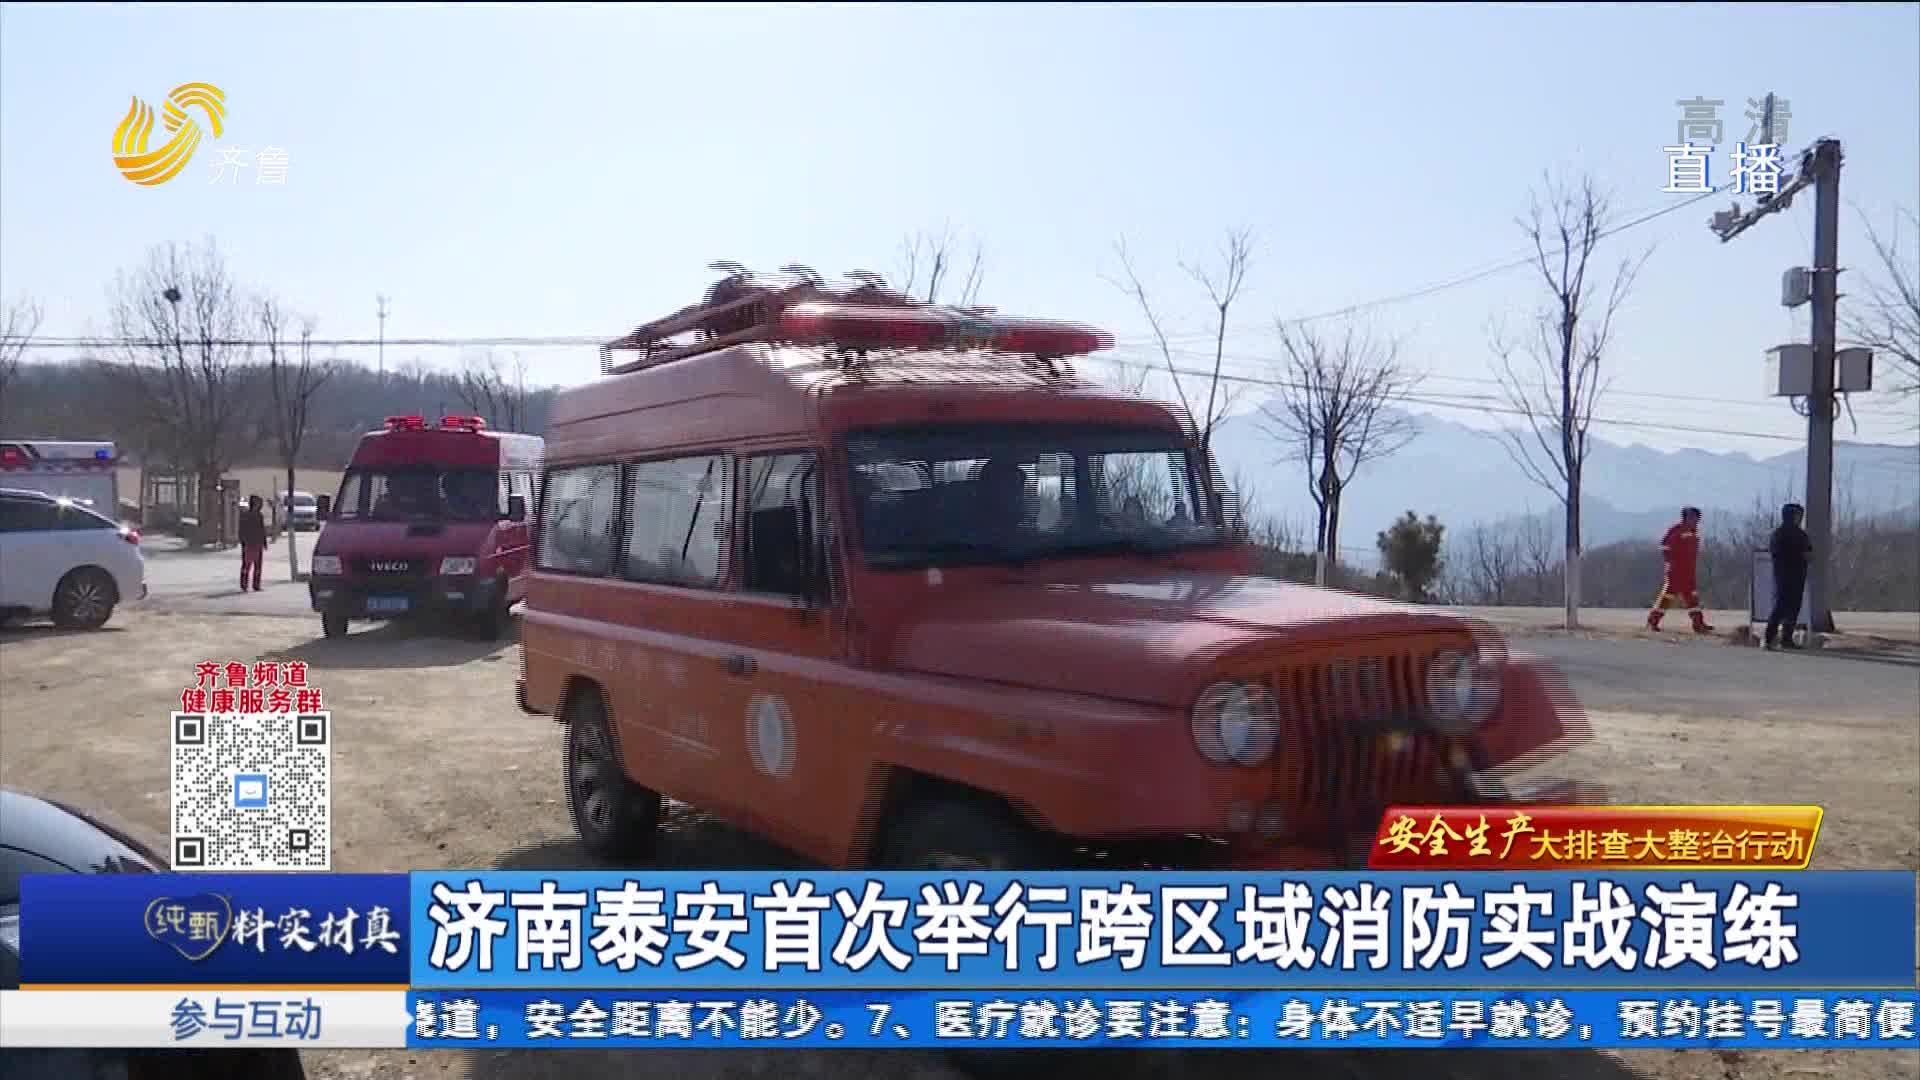 济南泰安首次举行跨区域消防实战演练